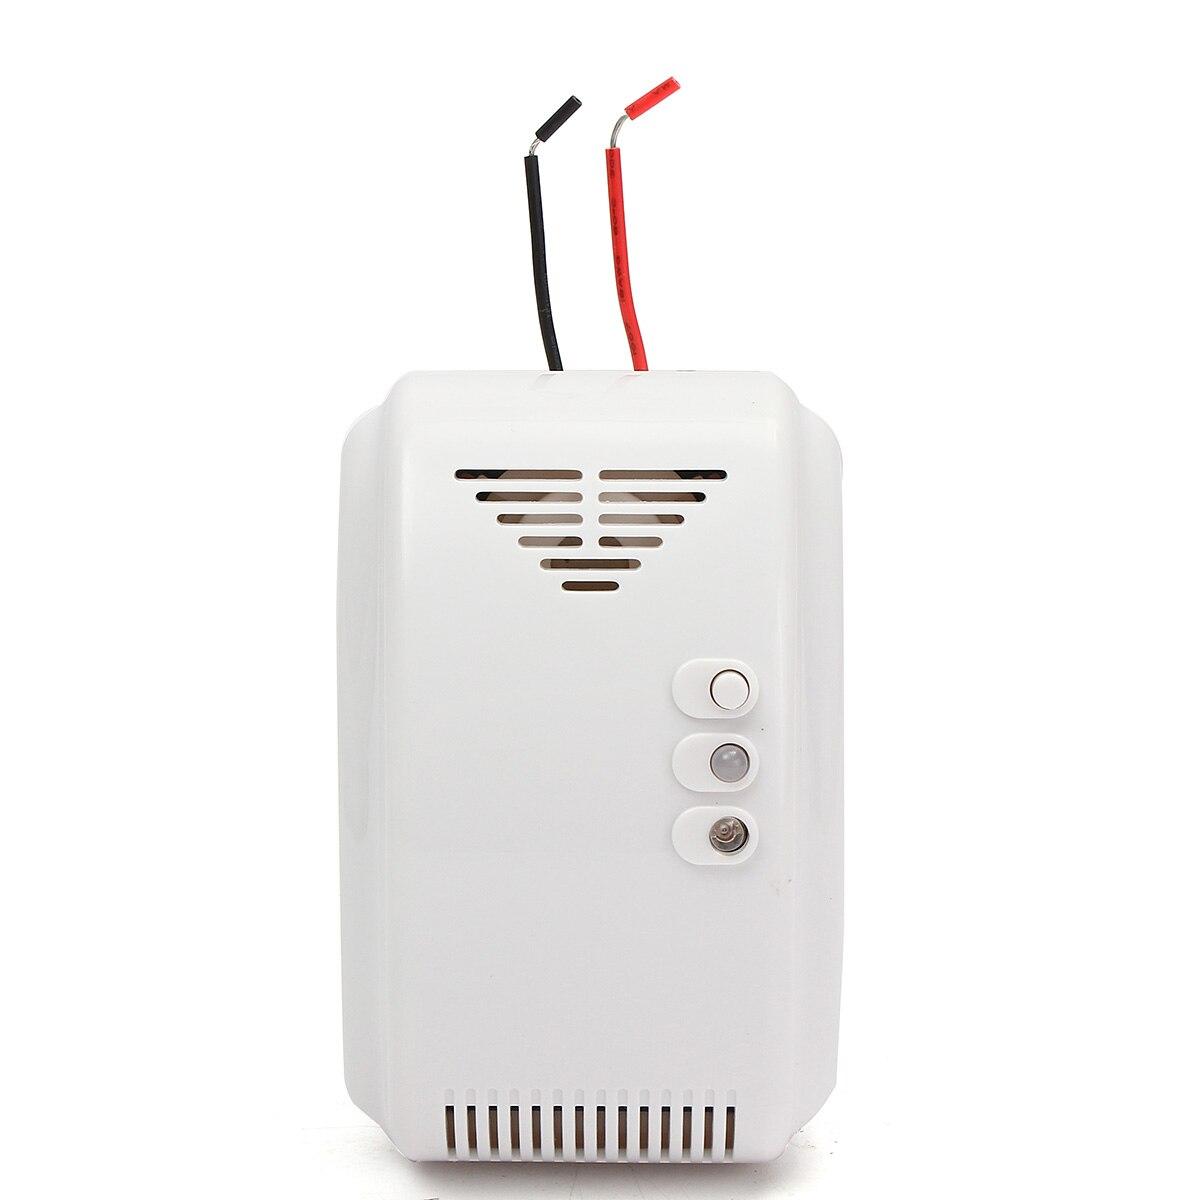 12 V Fuite De Gaz Combustible GPL Détecteur De Gaz Naturel Propane Alarme Pour RV Van Bateau Accueil Système D'alarme de Sécurité